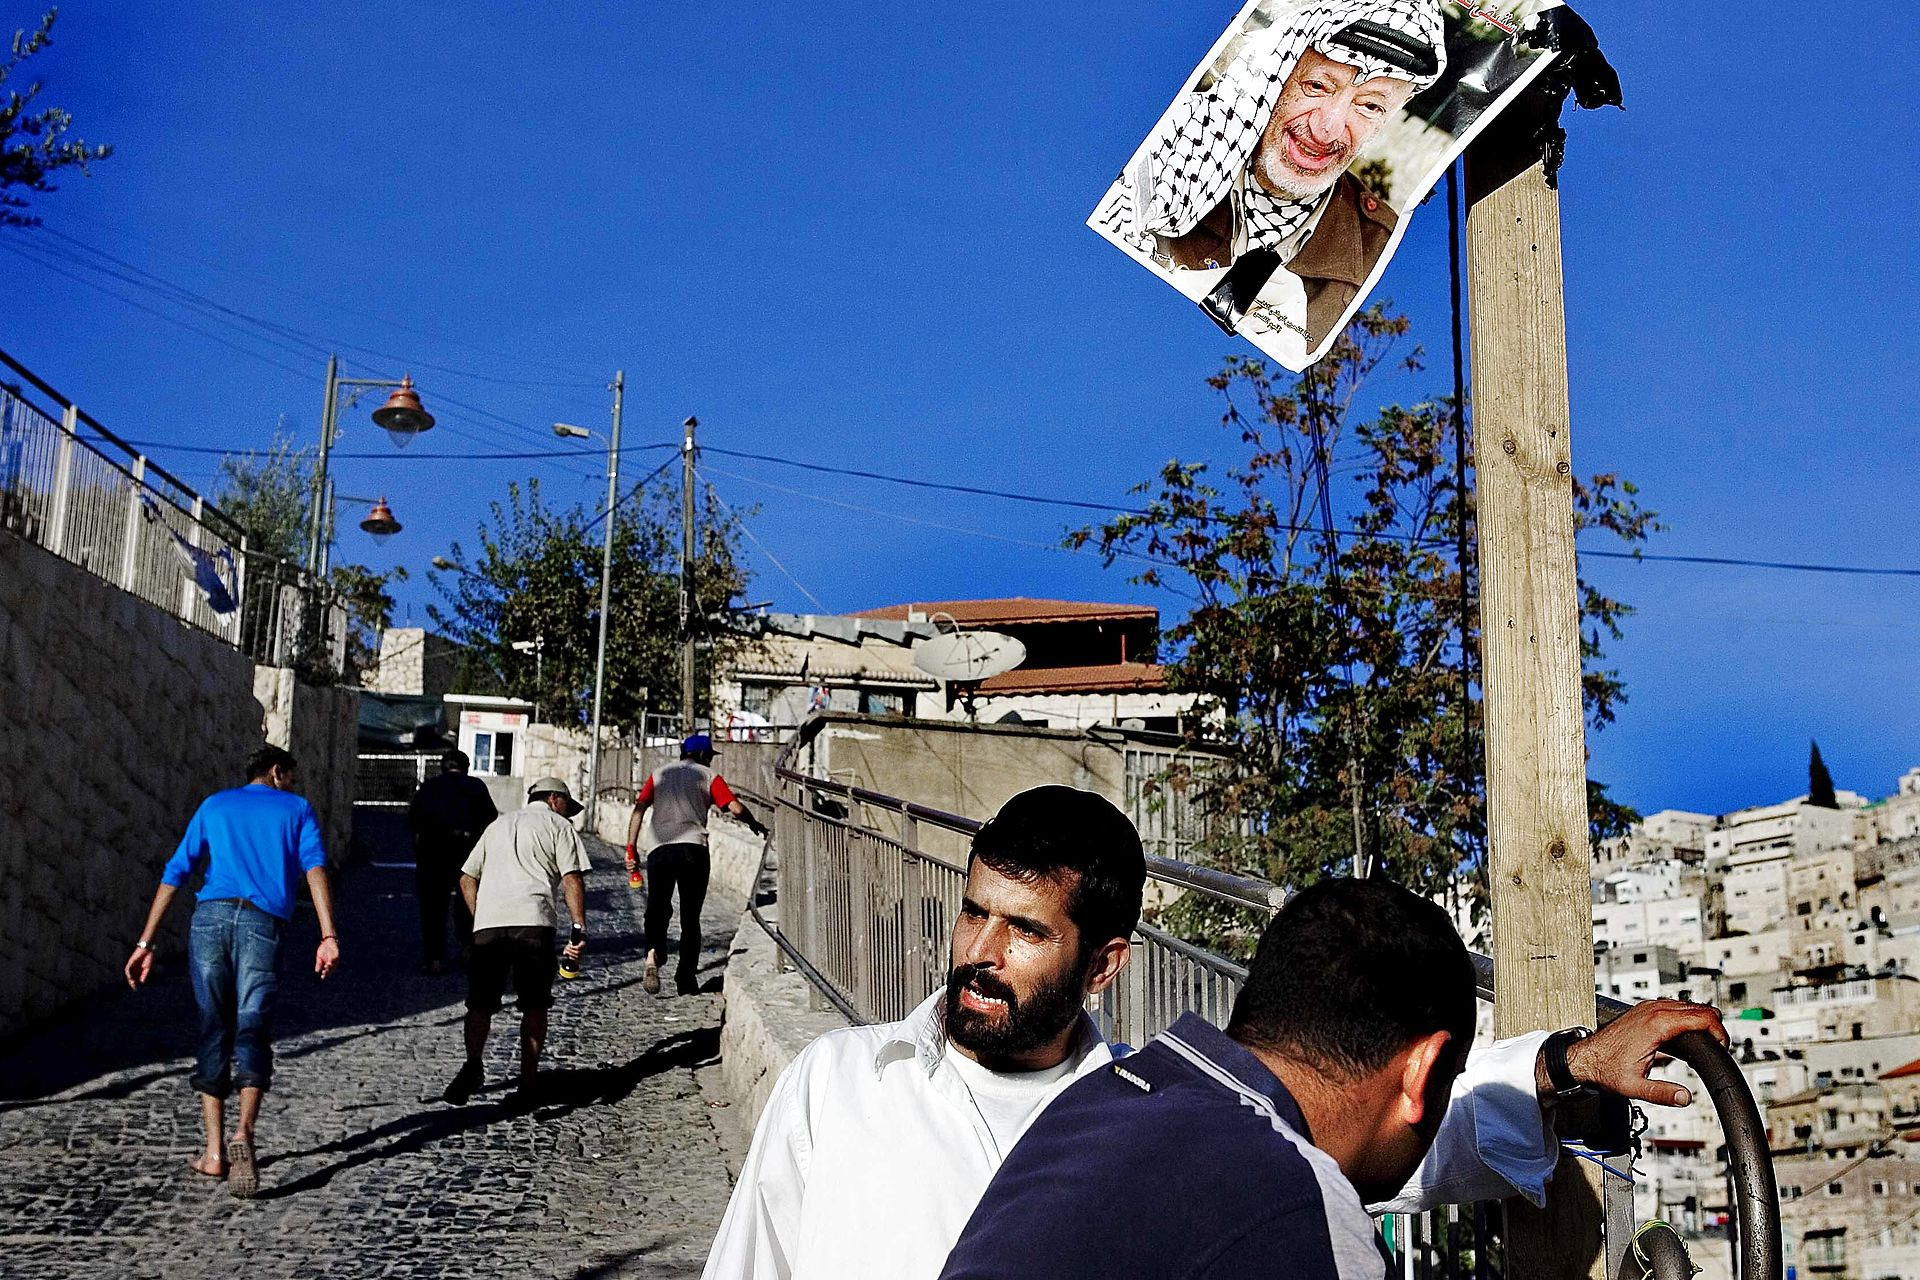 OVERBLIK: Juraen og Israels bosættelser